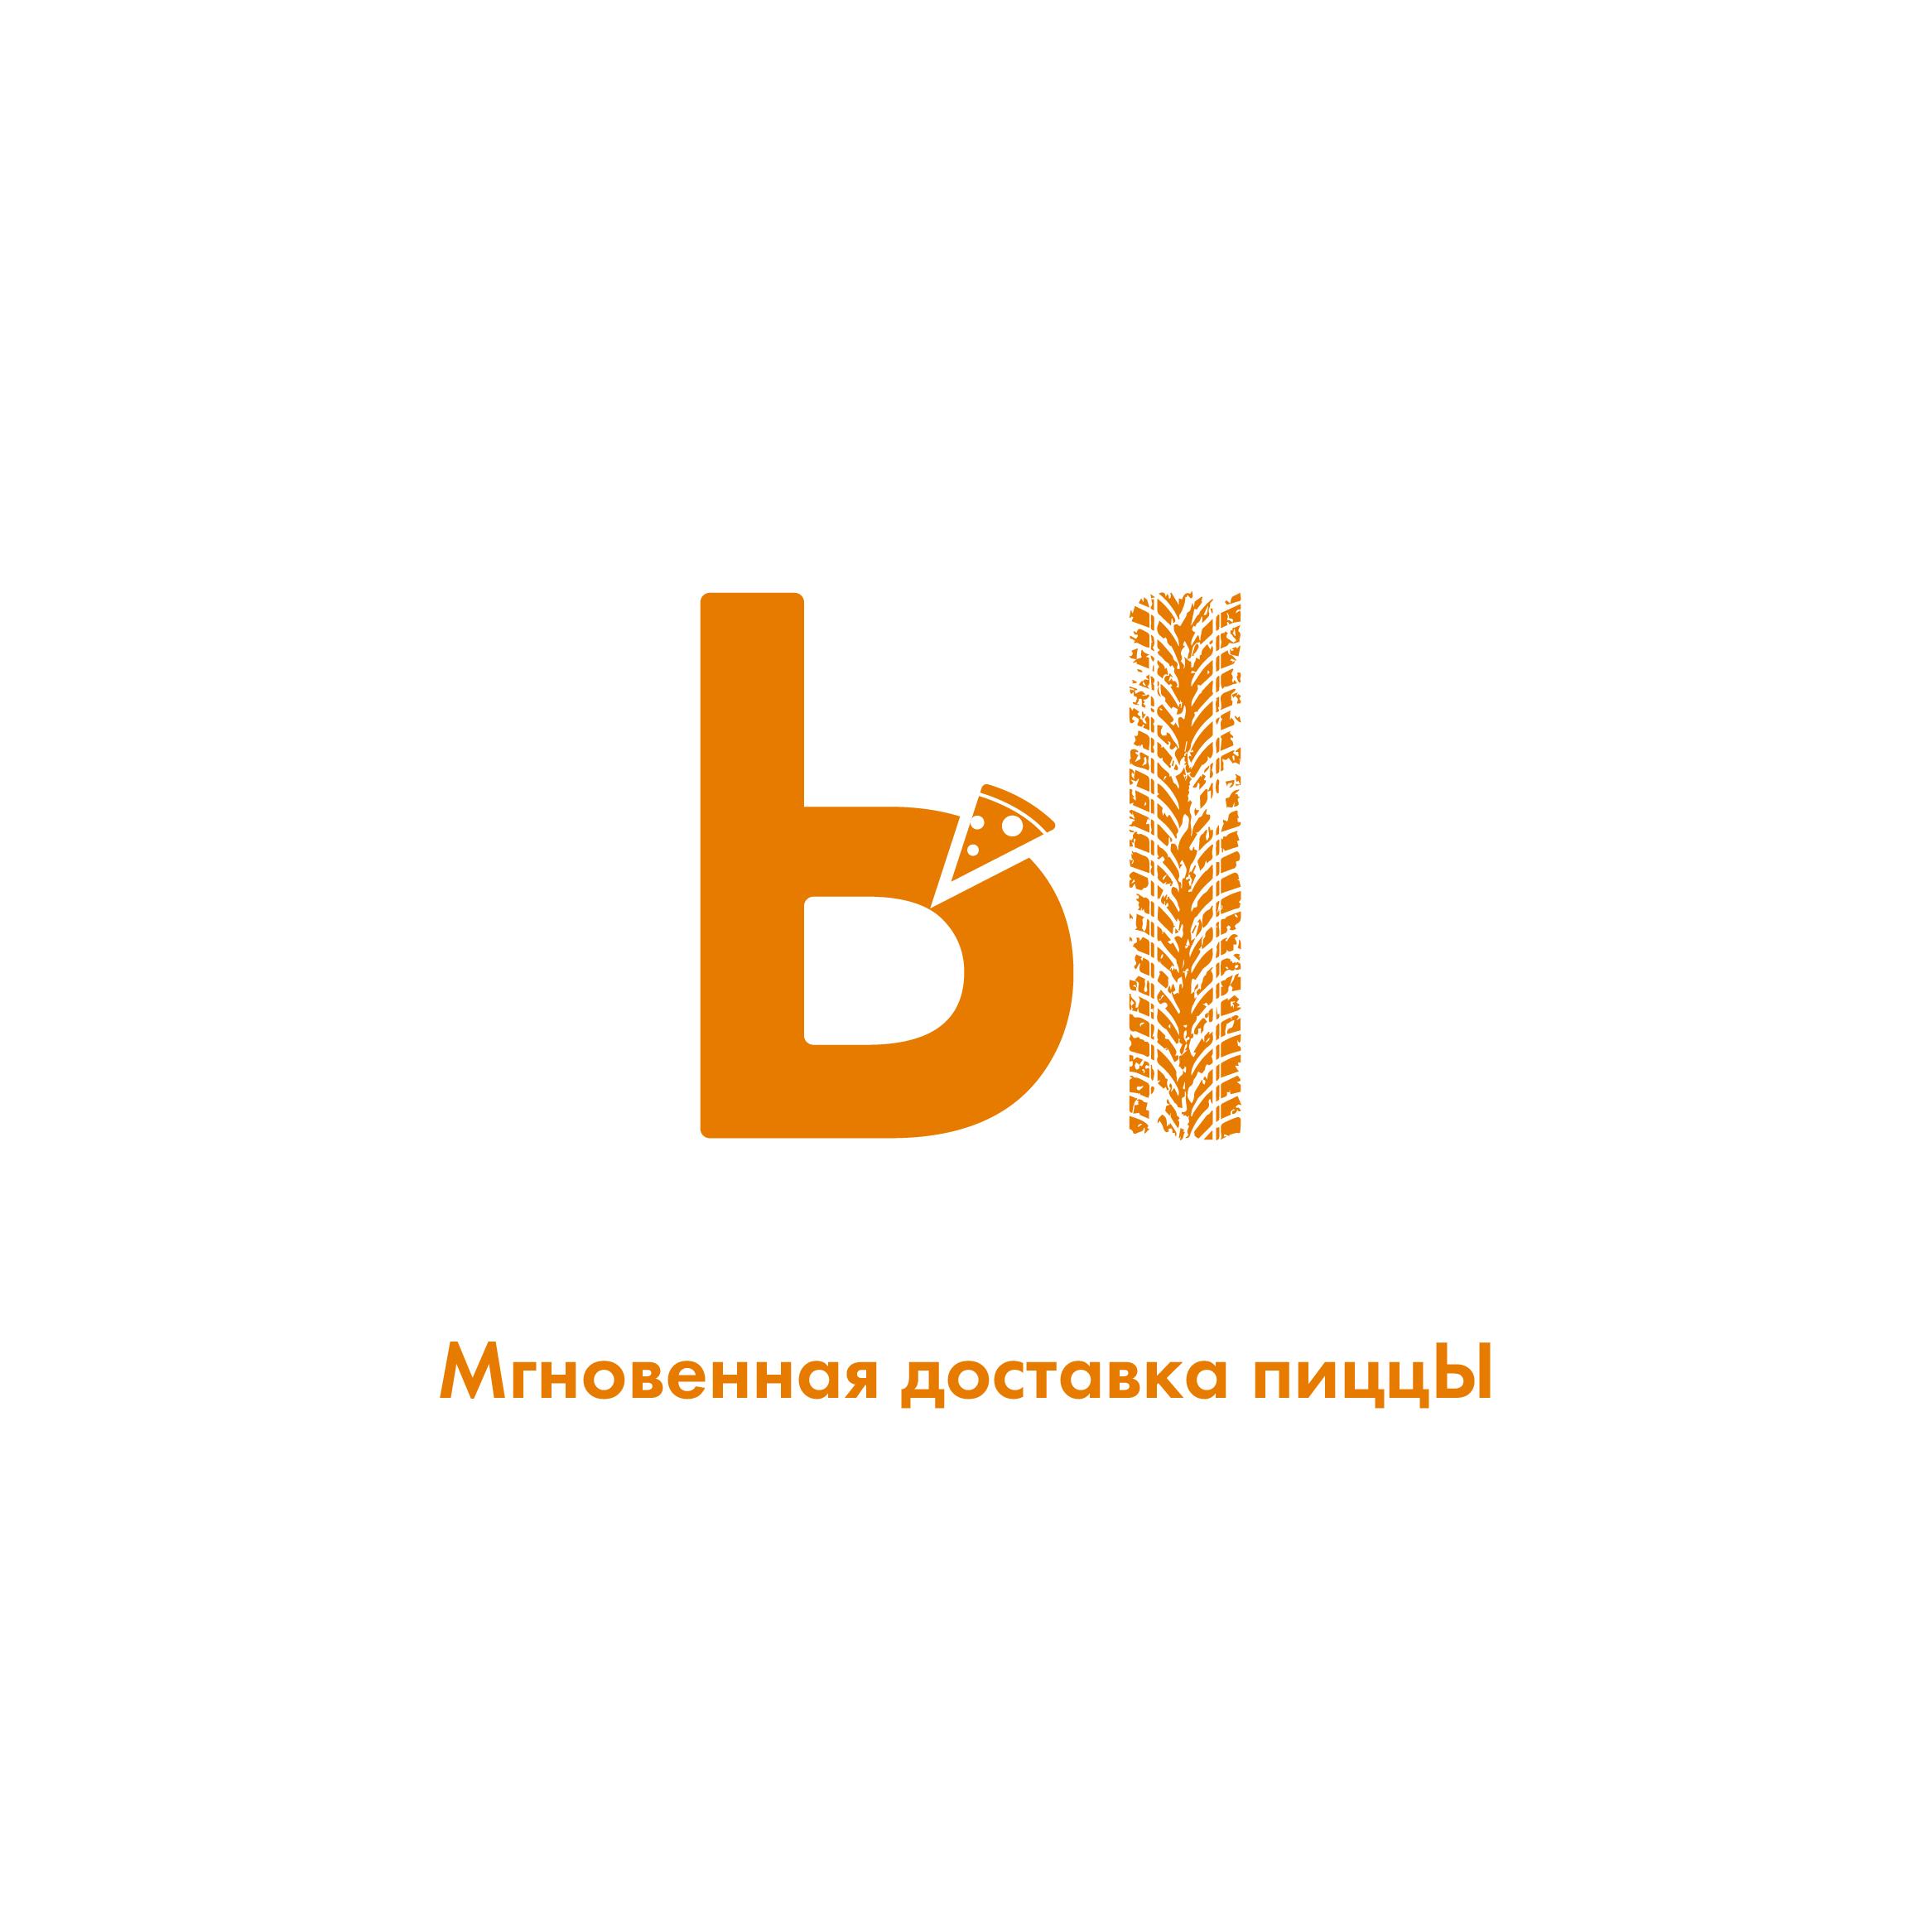 Разыскивается дизайнер для разработки лого службы доставки фото f_3805c348c62ccf8f.png